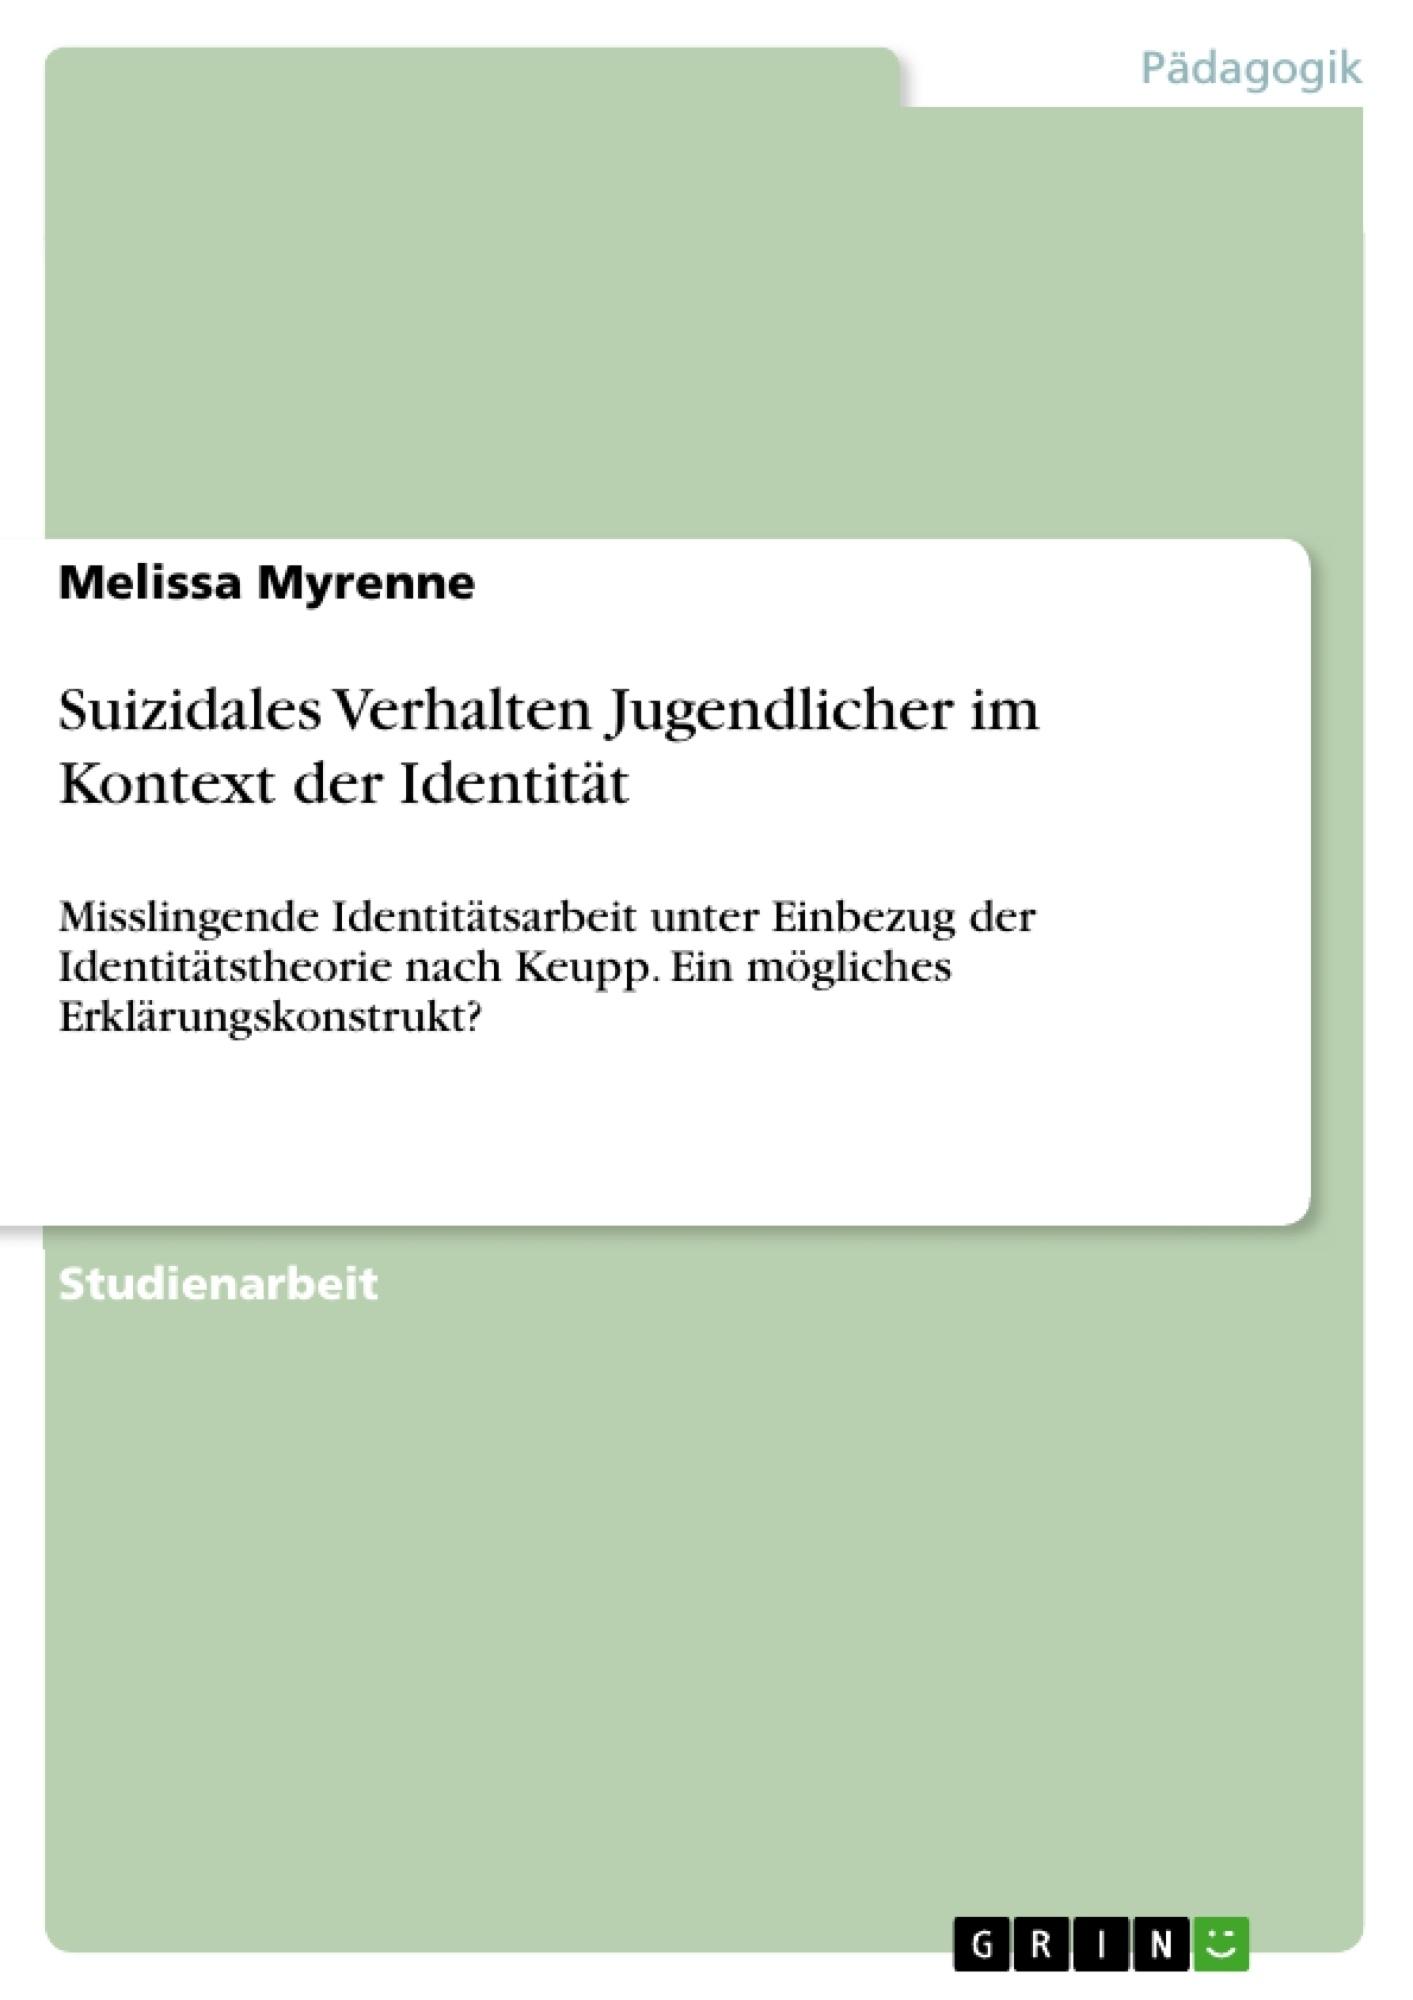 Titel: Suizidales Verhalten Jugendlicher im Kontext der Identität